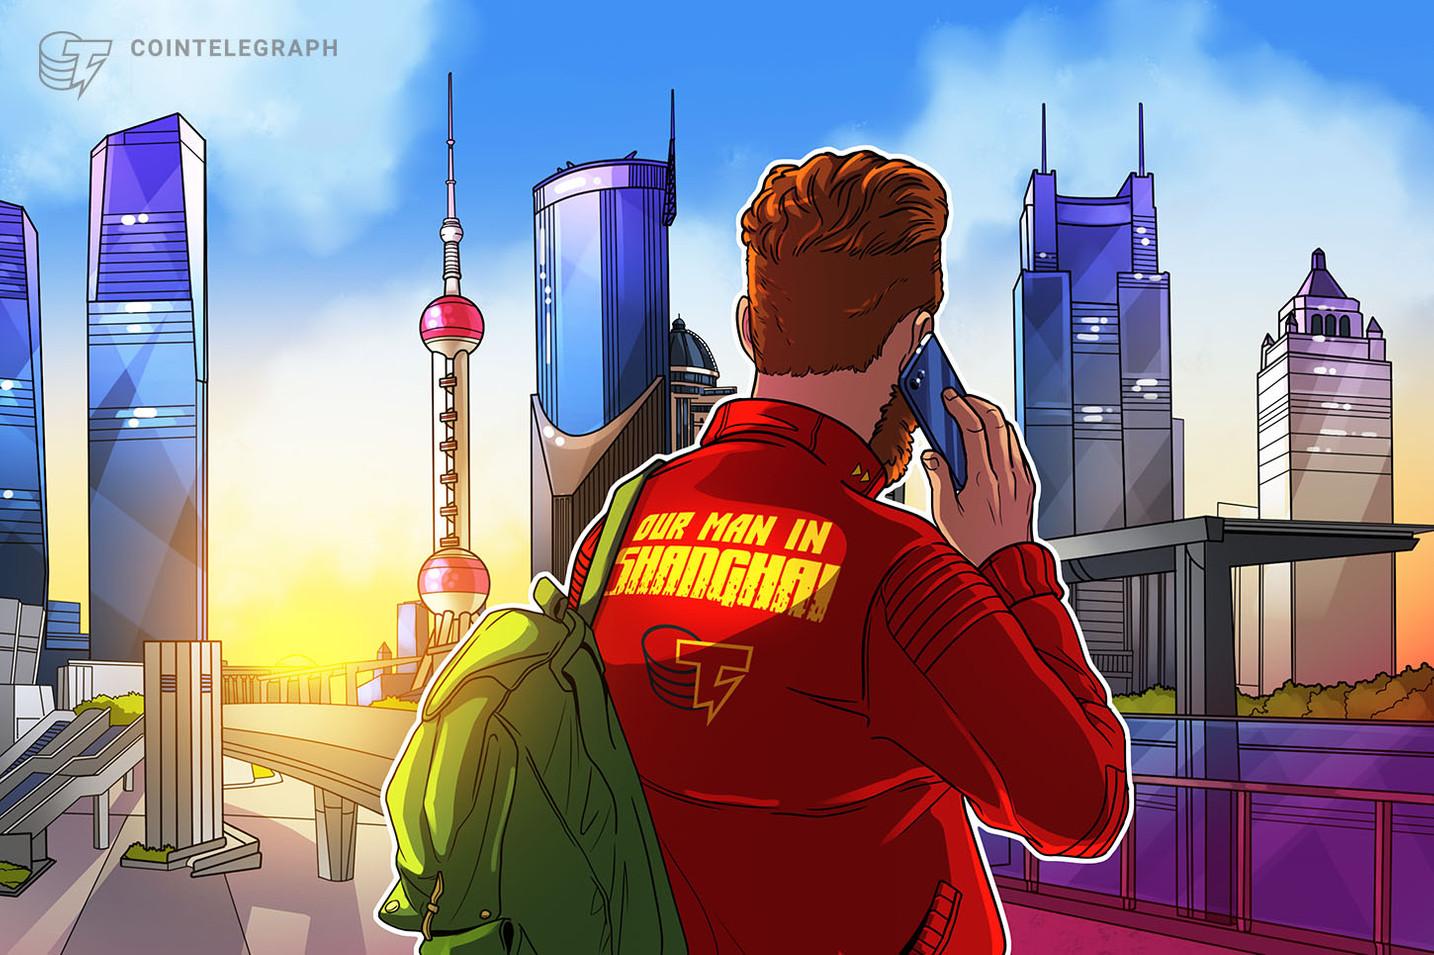 Shanghai Man: El interés por Bitcoin desciende en China en medio de la represión de las redes sociales y los mineros